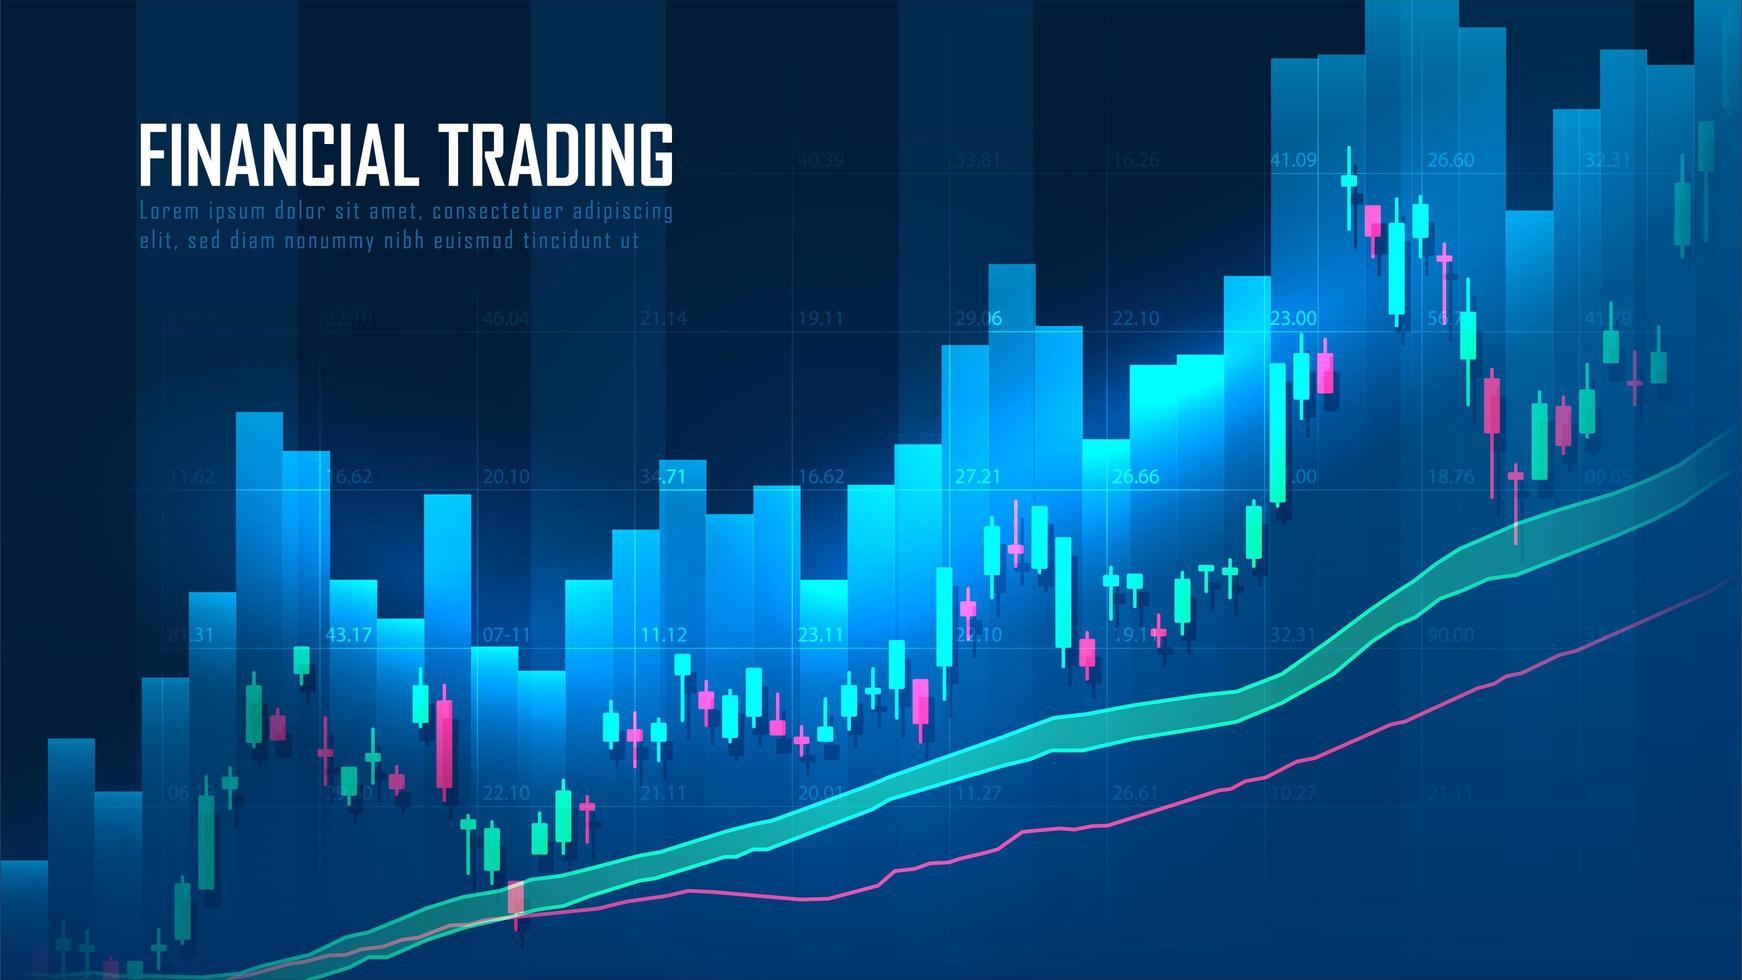 graphique boursier ou de trading forex vecteur